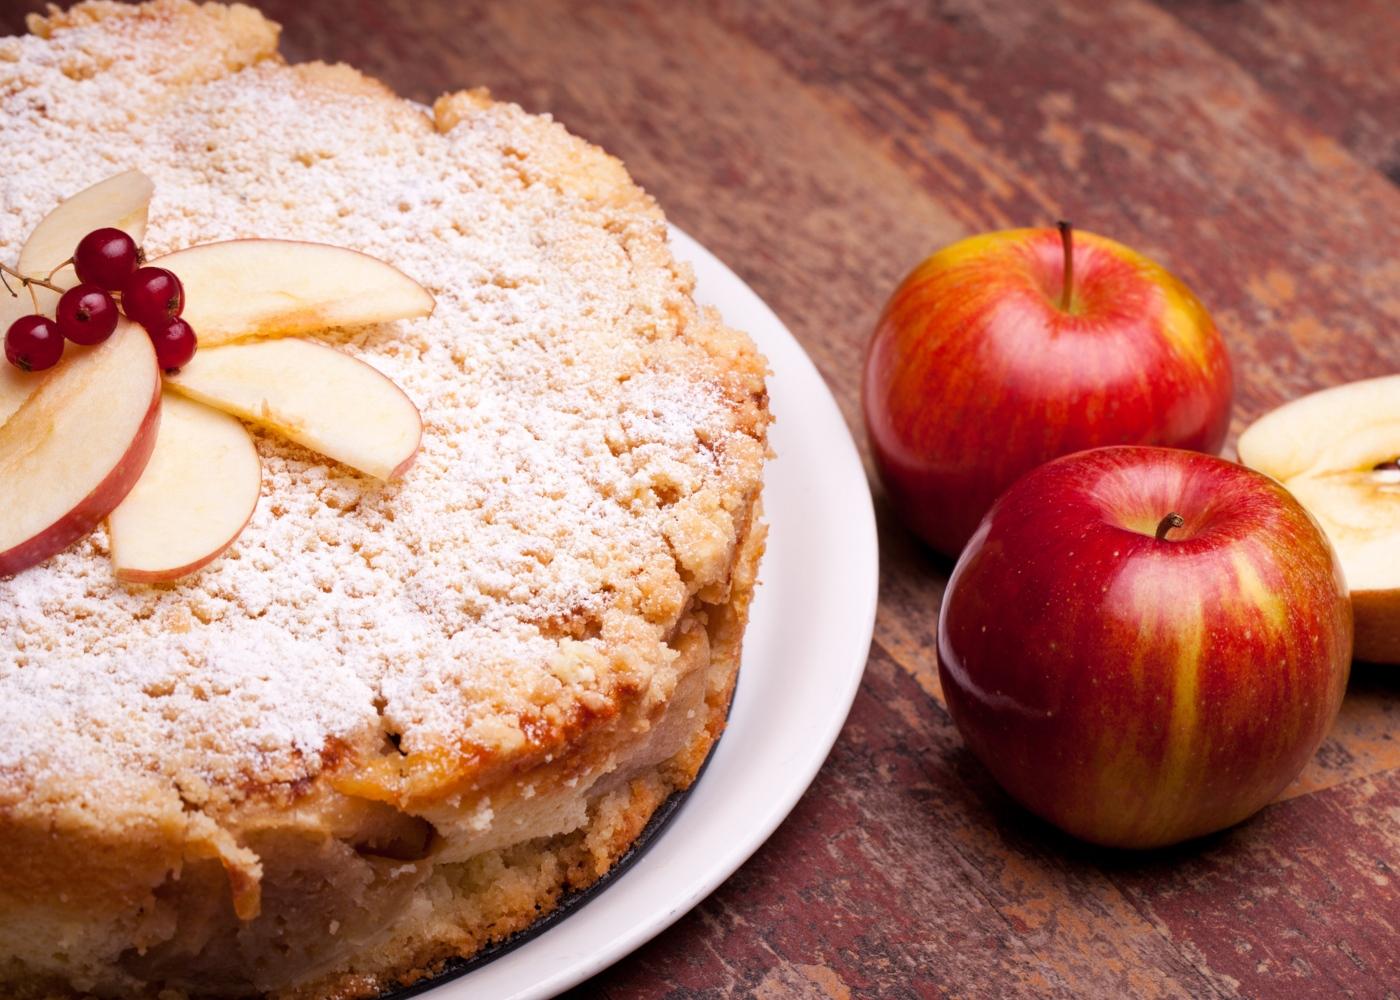 Receitas saudáveis com fruta: bolo de maçã paleo